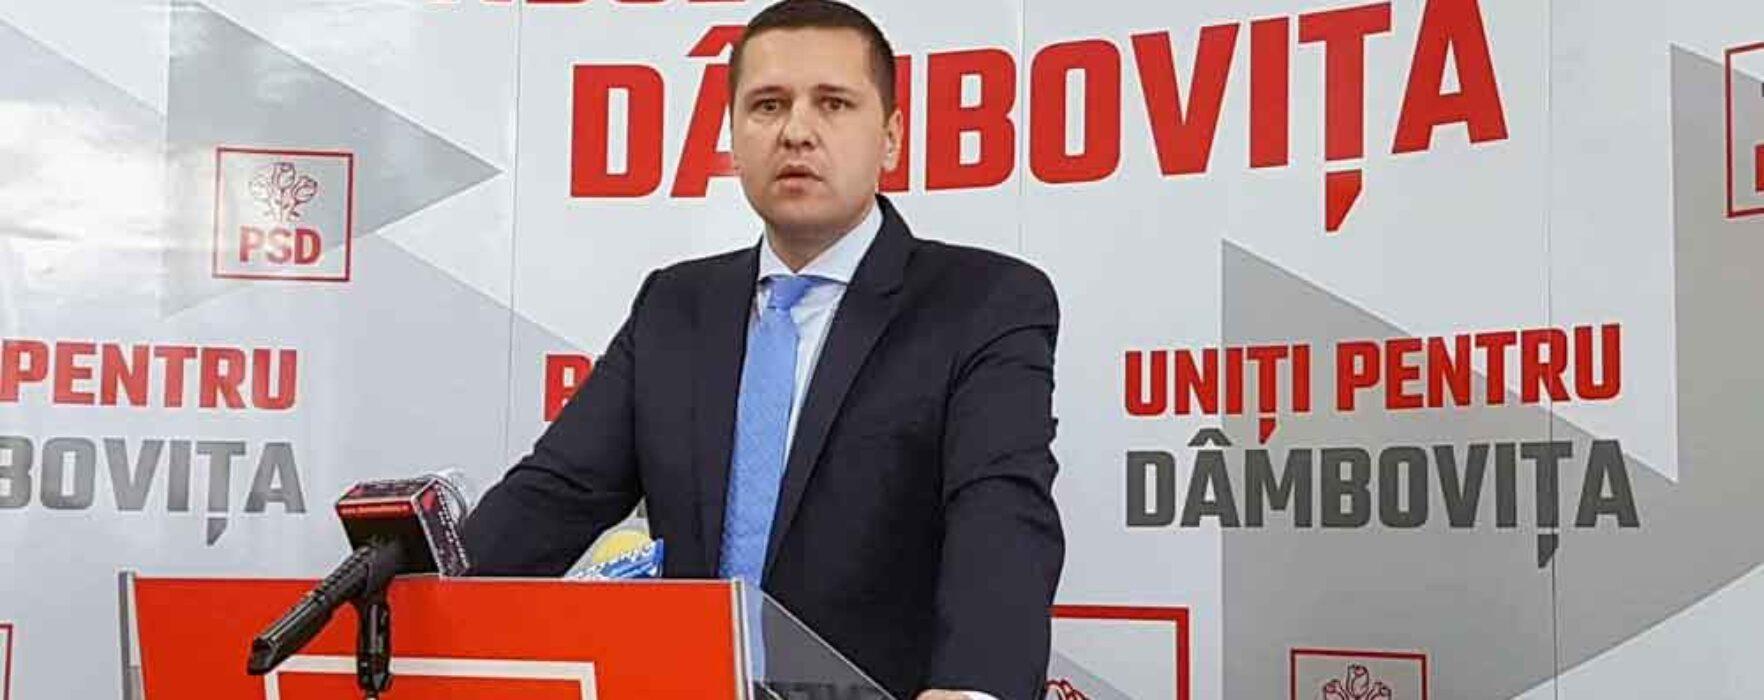 Corneliu Ştefan, PSD Dâmboviţa: Cîţu e o propunere neserioasă, nu va fi votat nici de PSD, nici de PNL